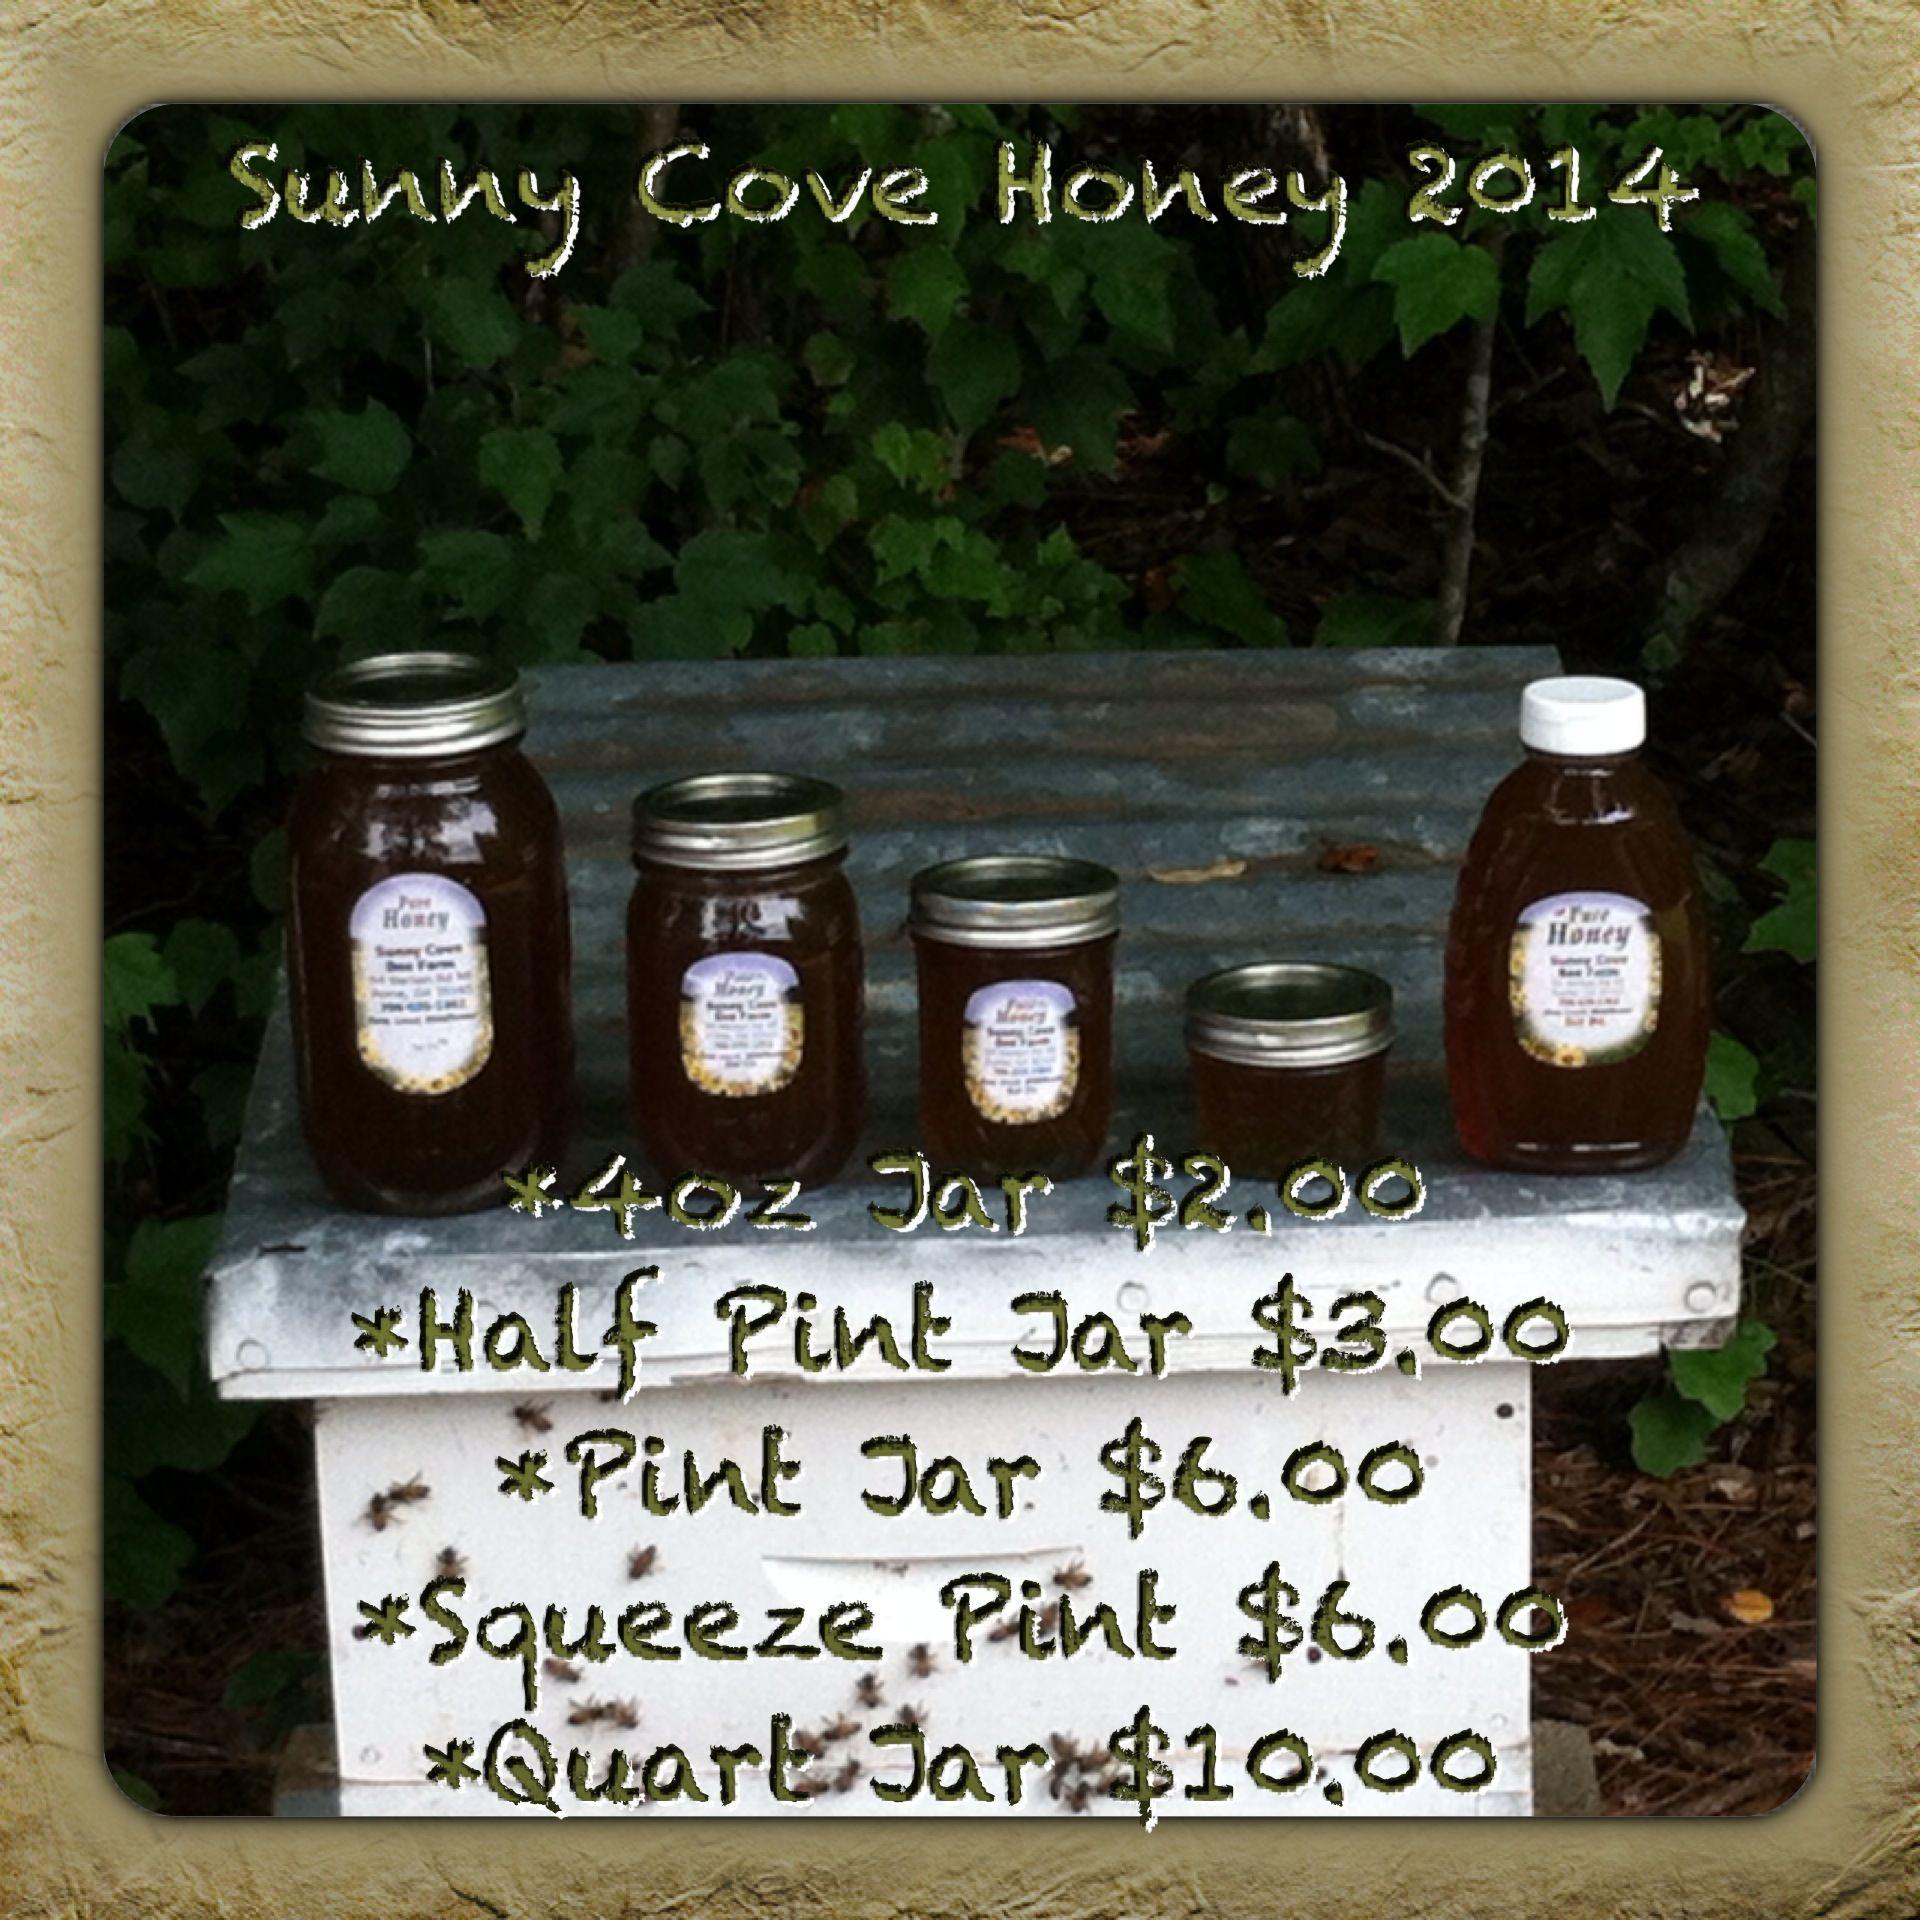 Pin by Stephanie Stewart on Honey Bees Pint jars, Jar, Food